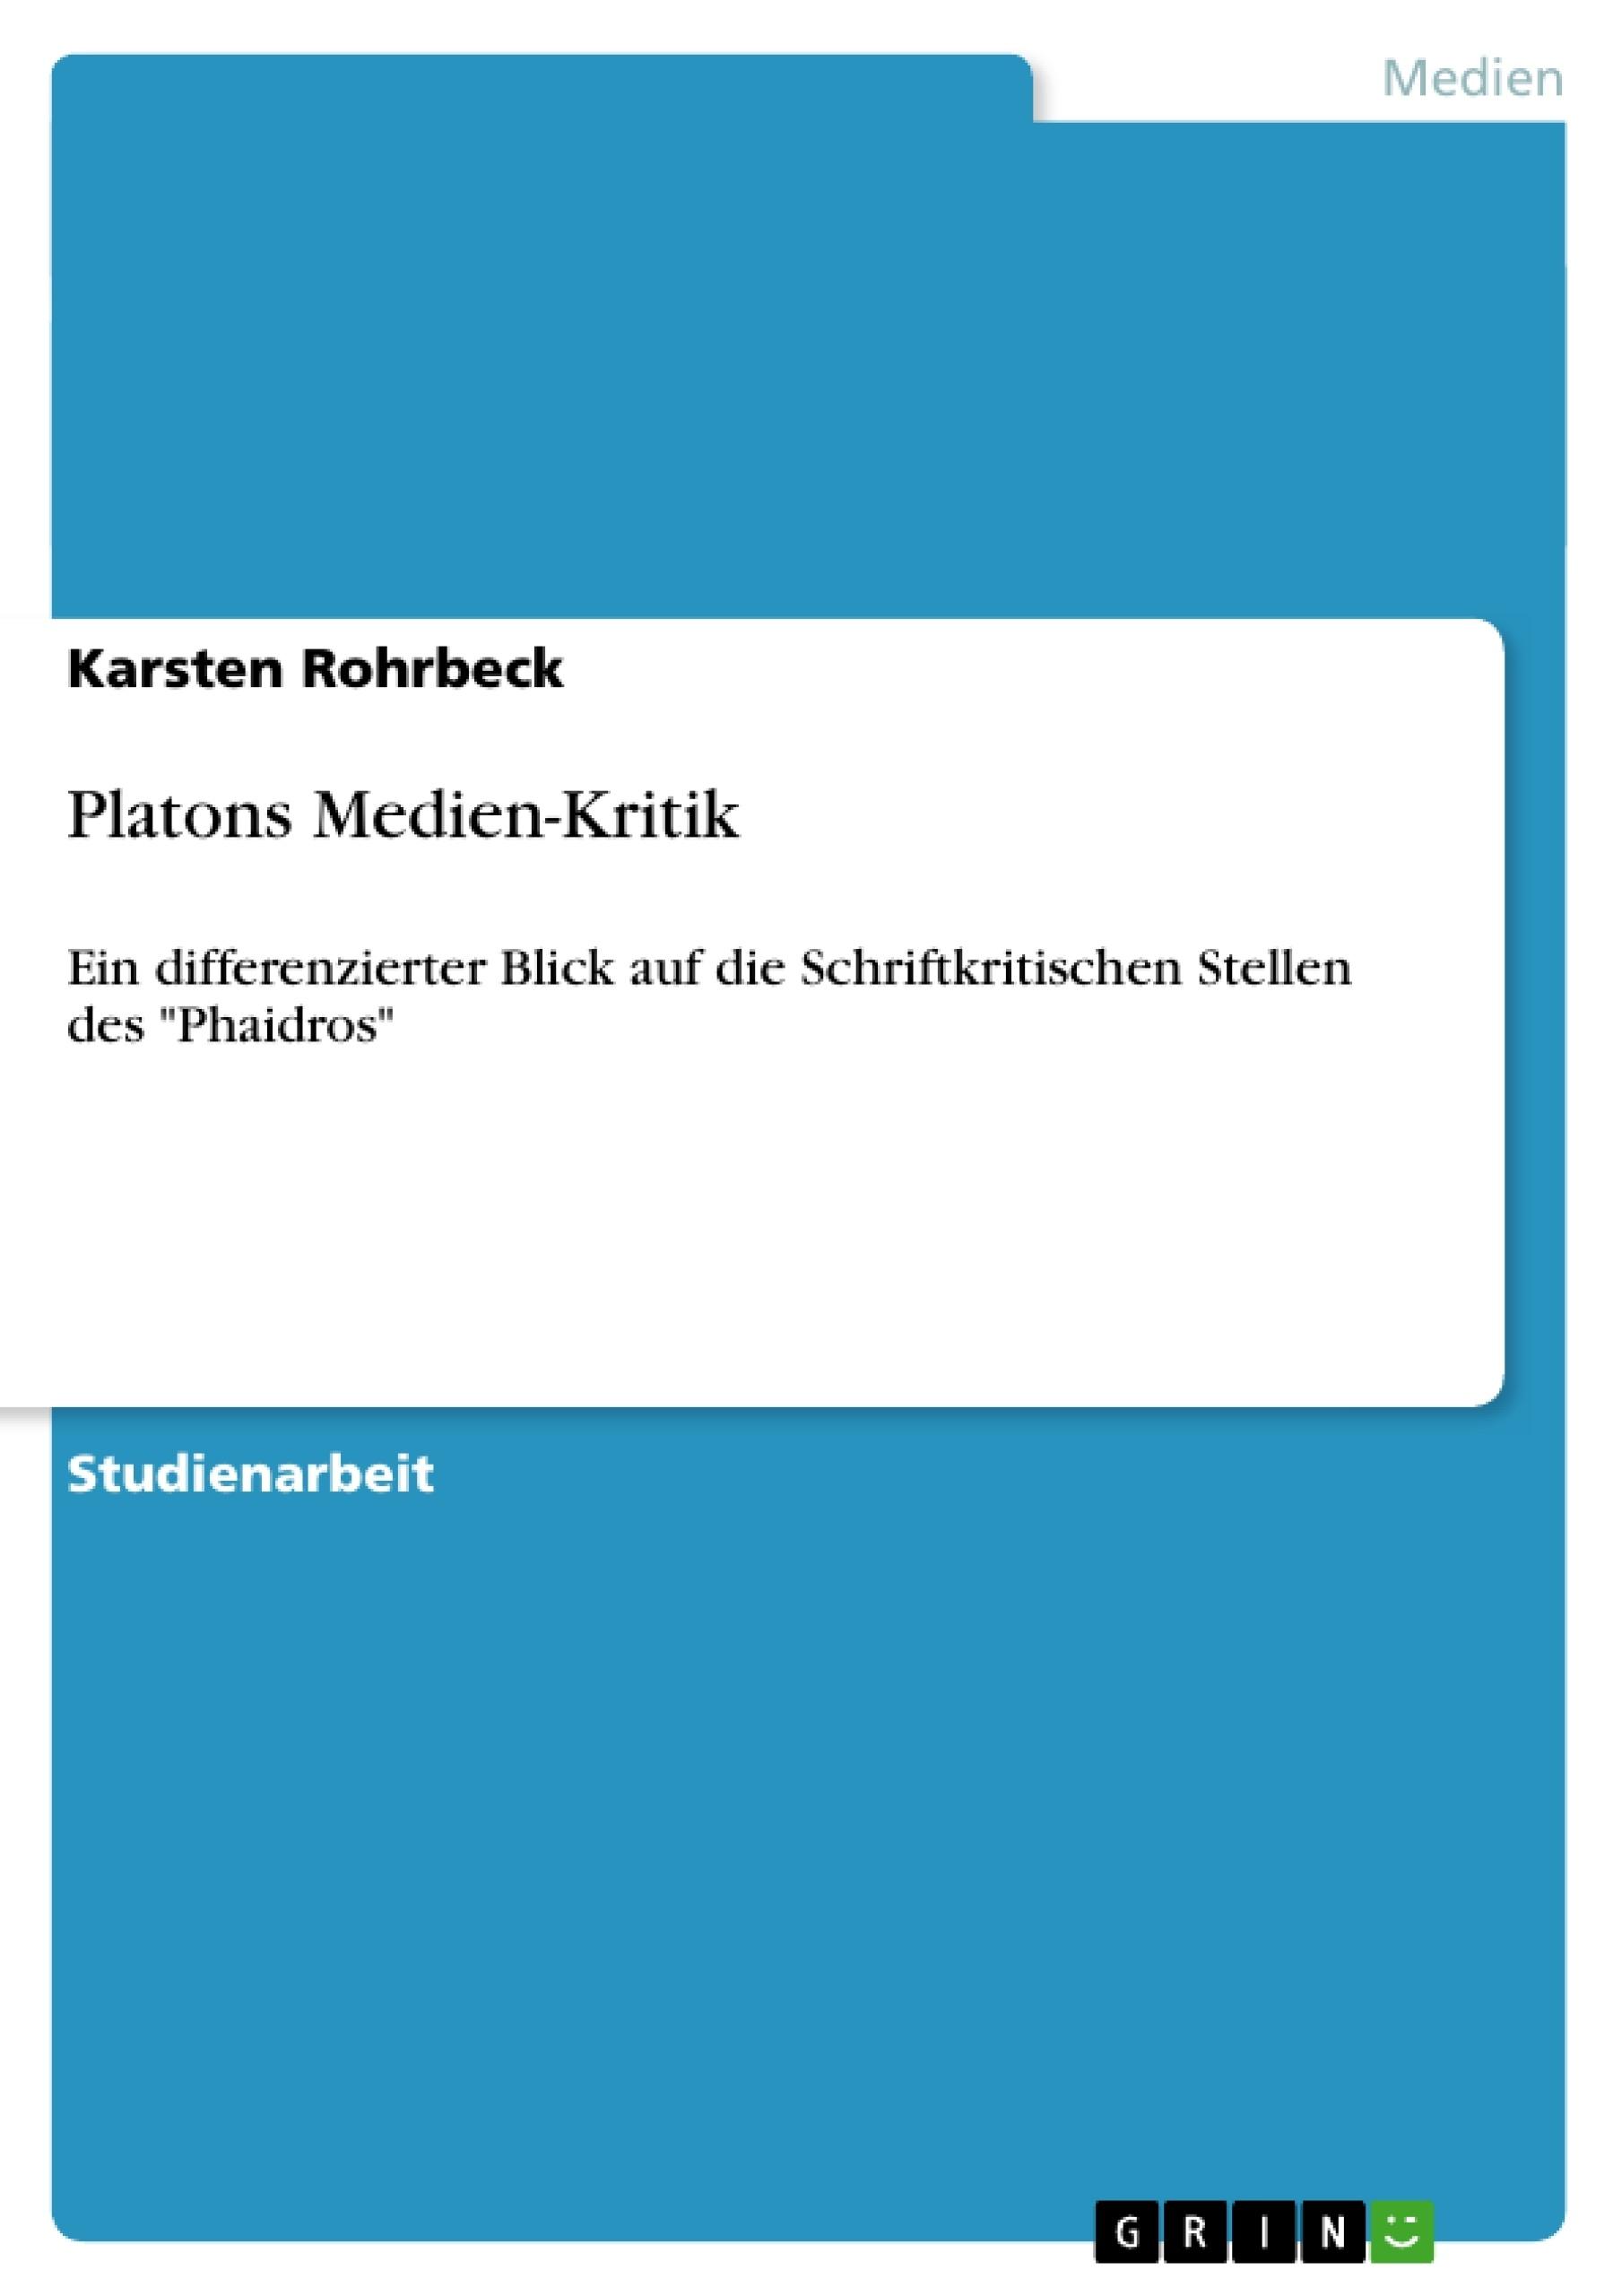 Titel: Platons Medien-Kritik